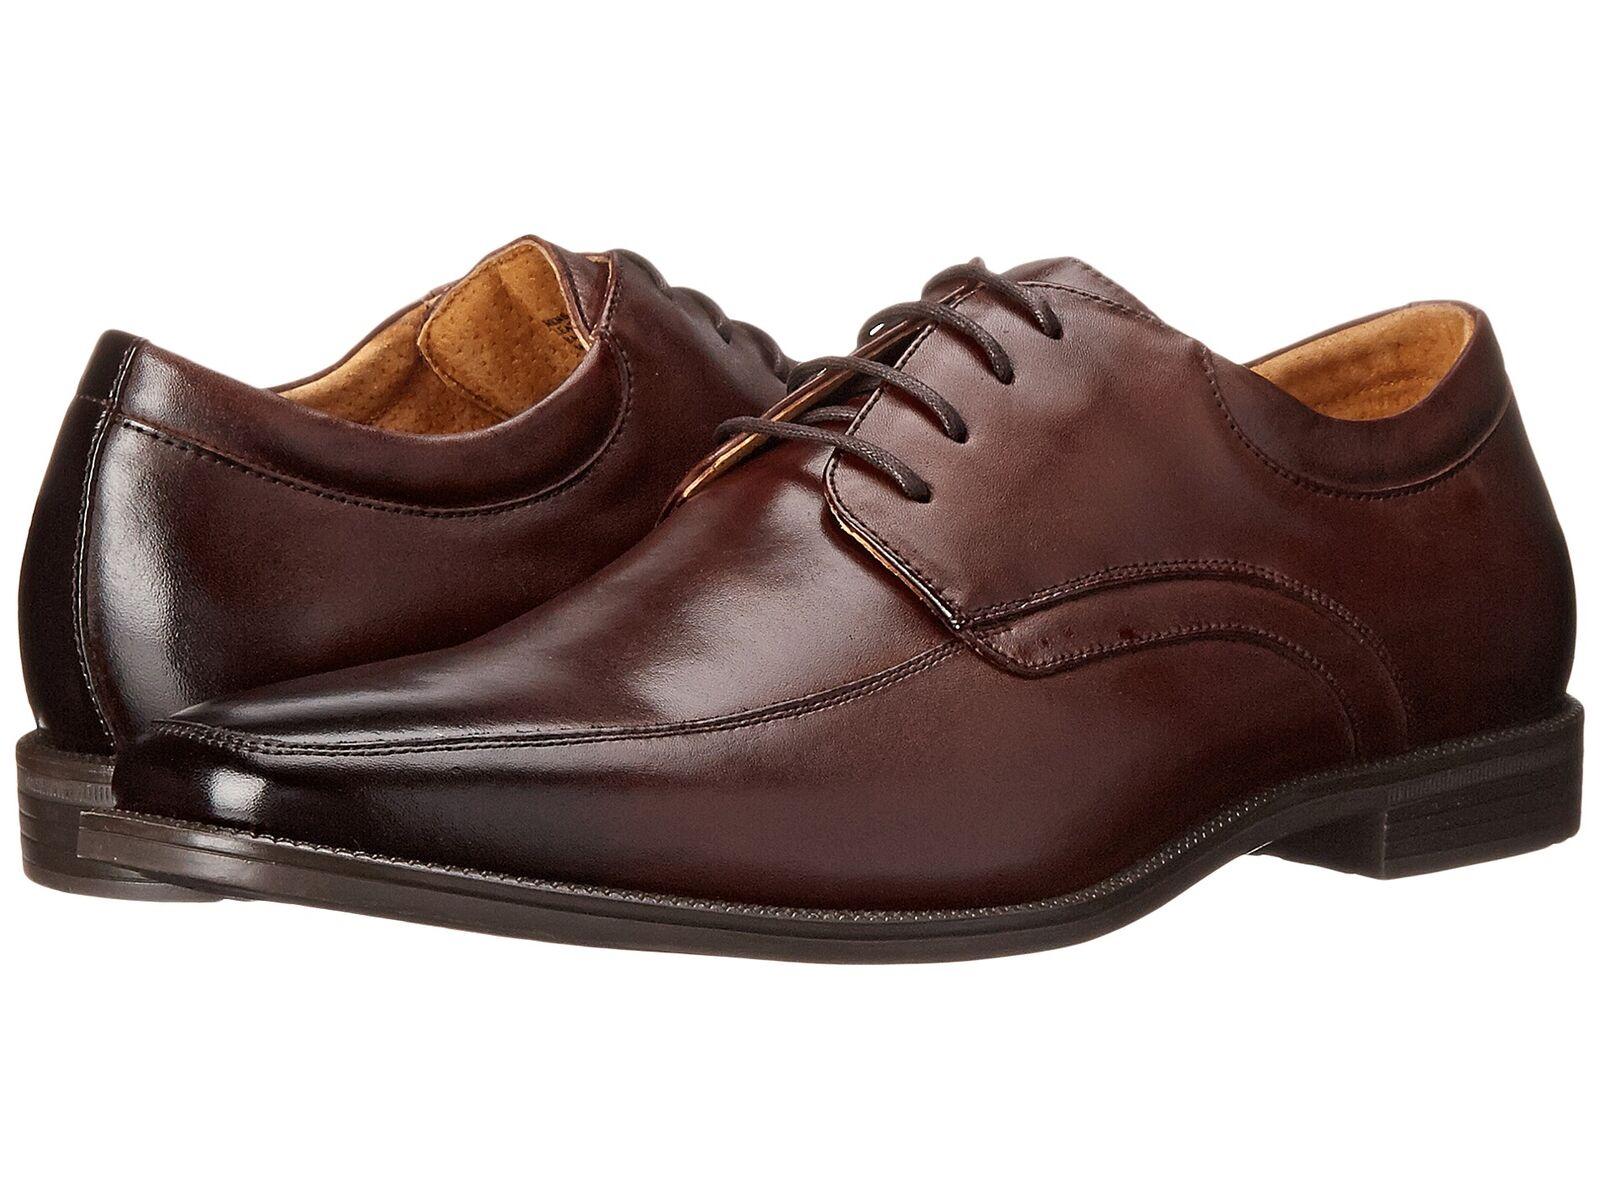 Florsheim Hombre Cuero Marrón Forum Moc Toe Oxford Zapatos 14153-200